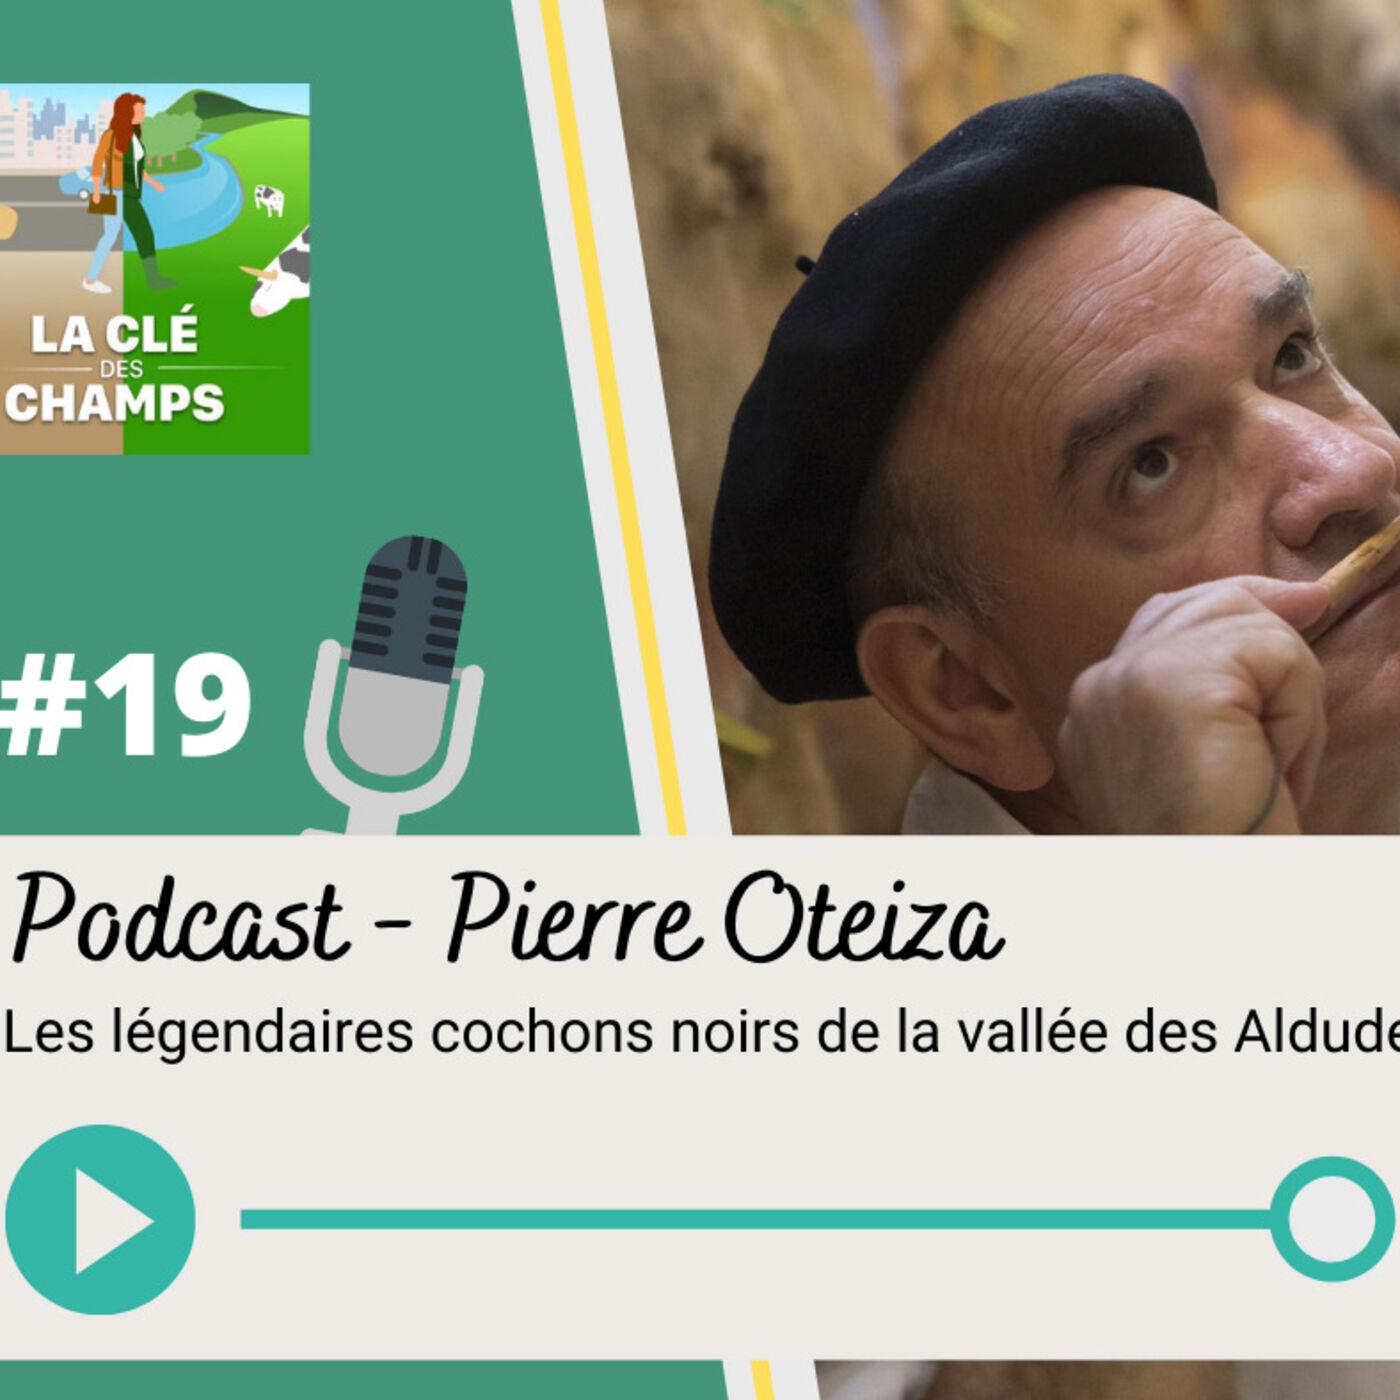 Pierre Oteiza – Les légendaires cochons noirs de la vallée des Aldudes